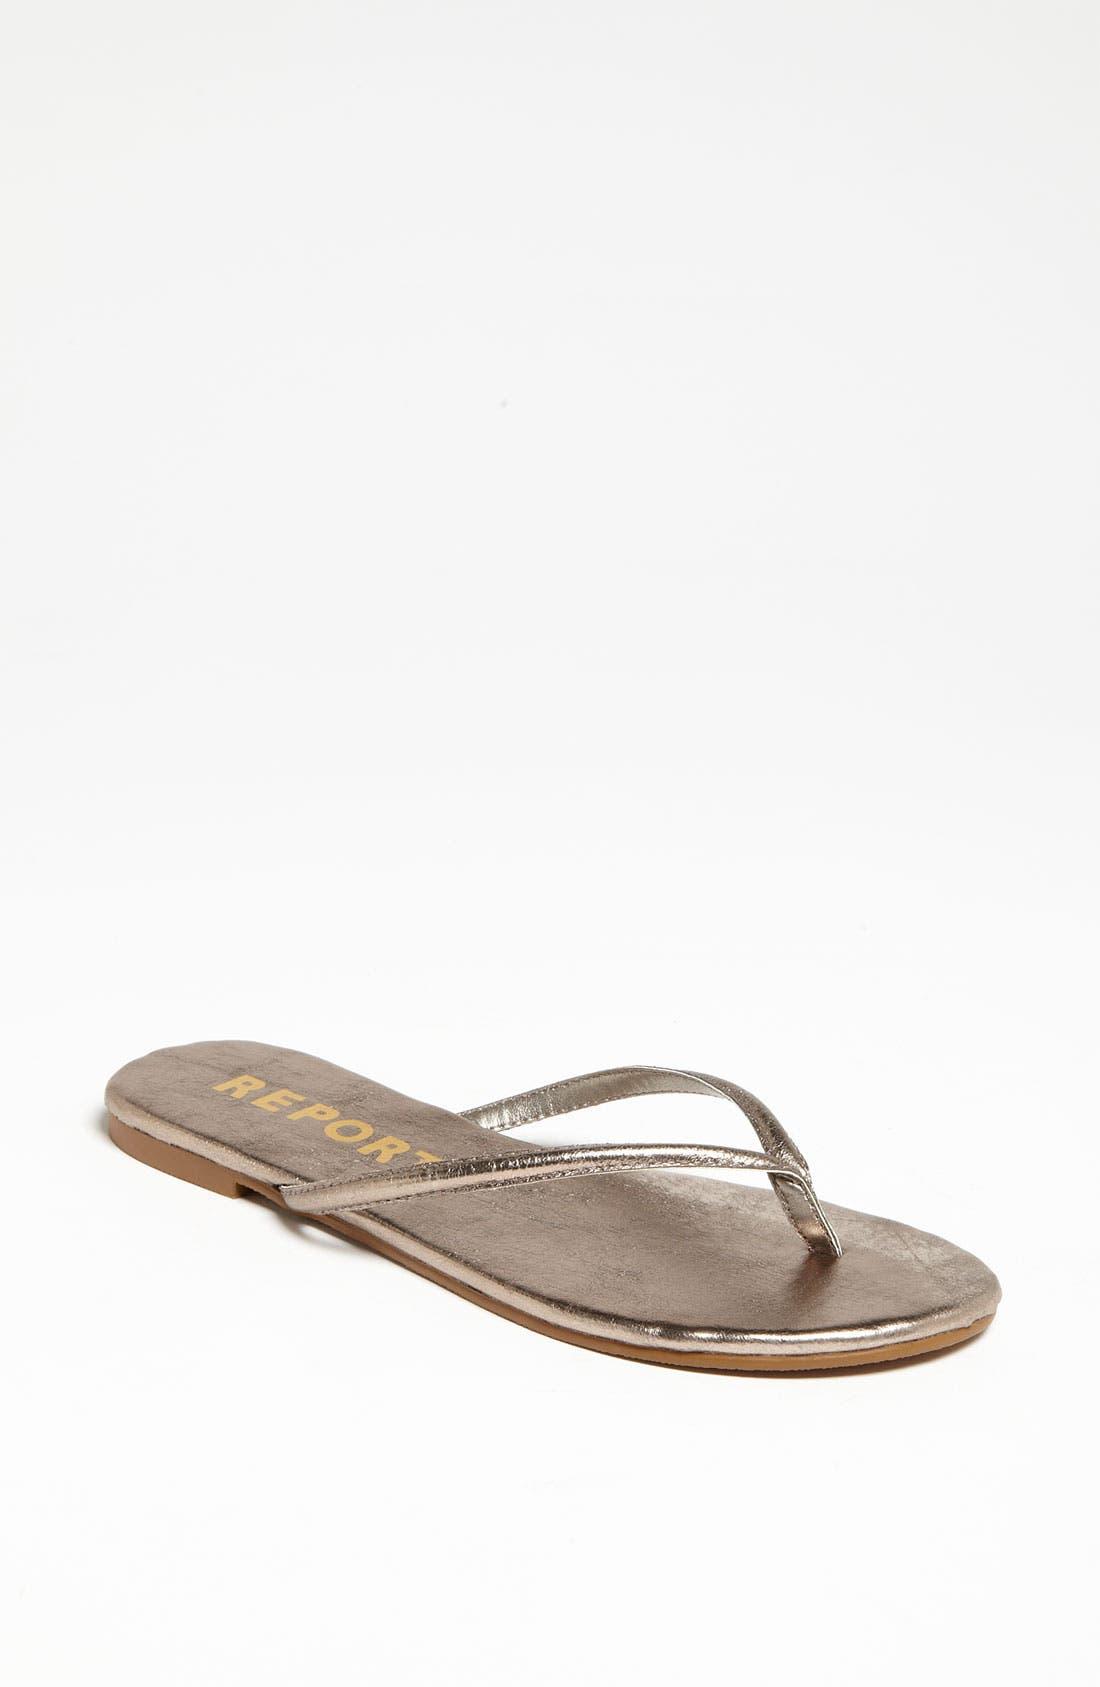 Alternate Image 1 Selected - REPORT 'Aleta' Sandal